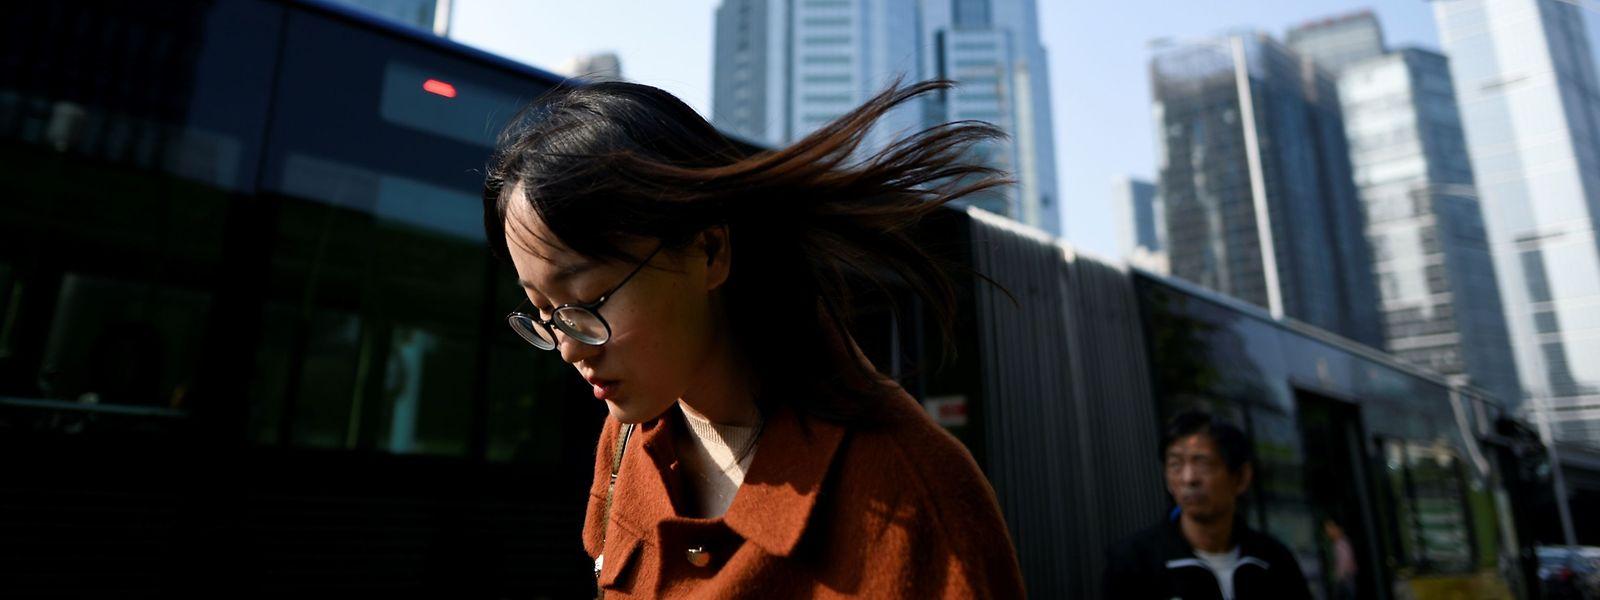 Eine Fußgängerin im Pekinger Finanzviertel: Die Aussichten für Chinas Wirtschaft sind nicht rosig.